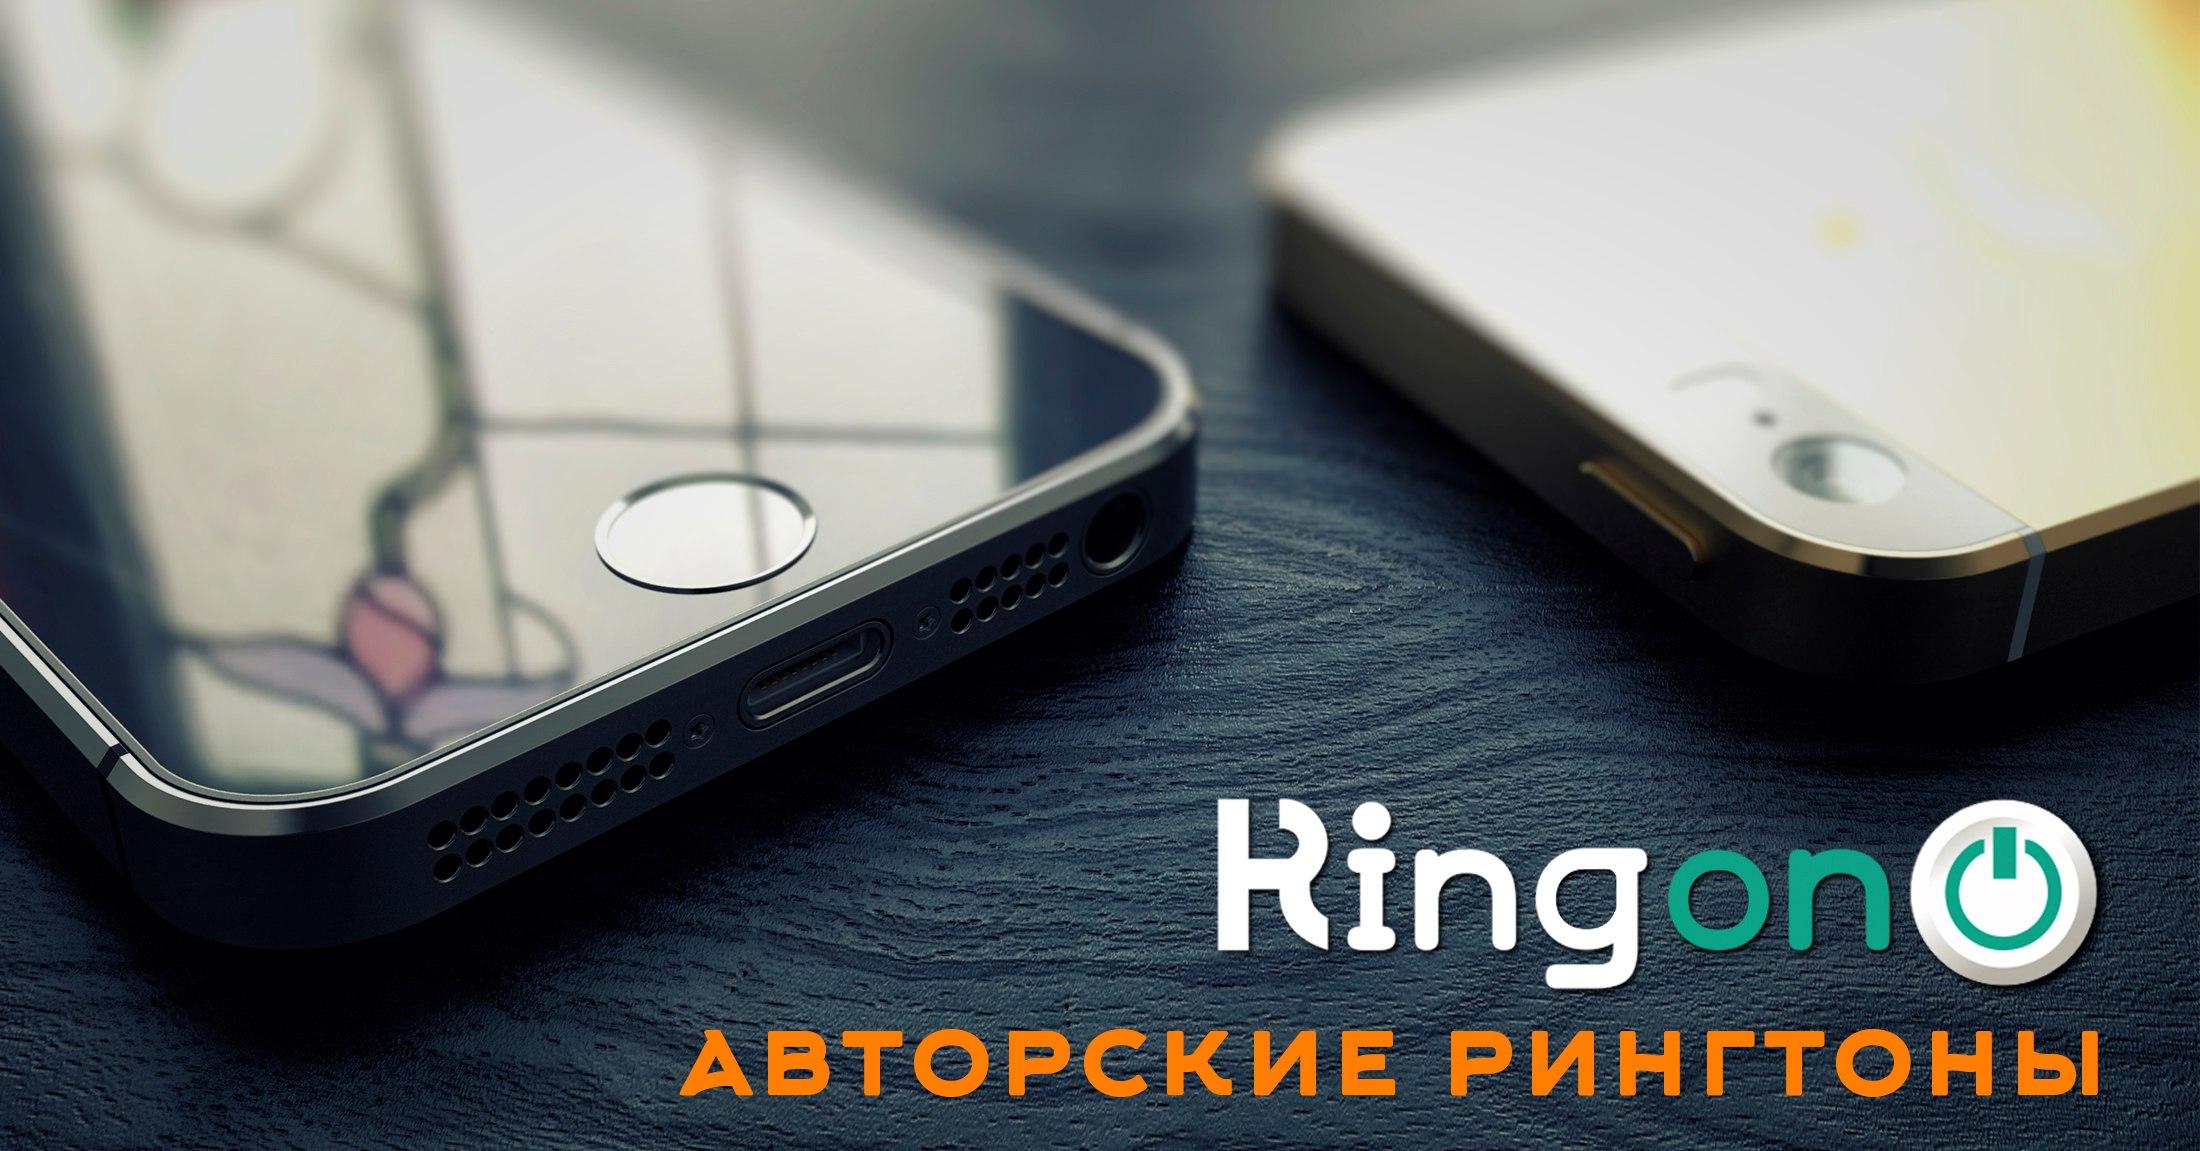 скачать рингтоны для iphone 4 в формате m4r